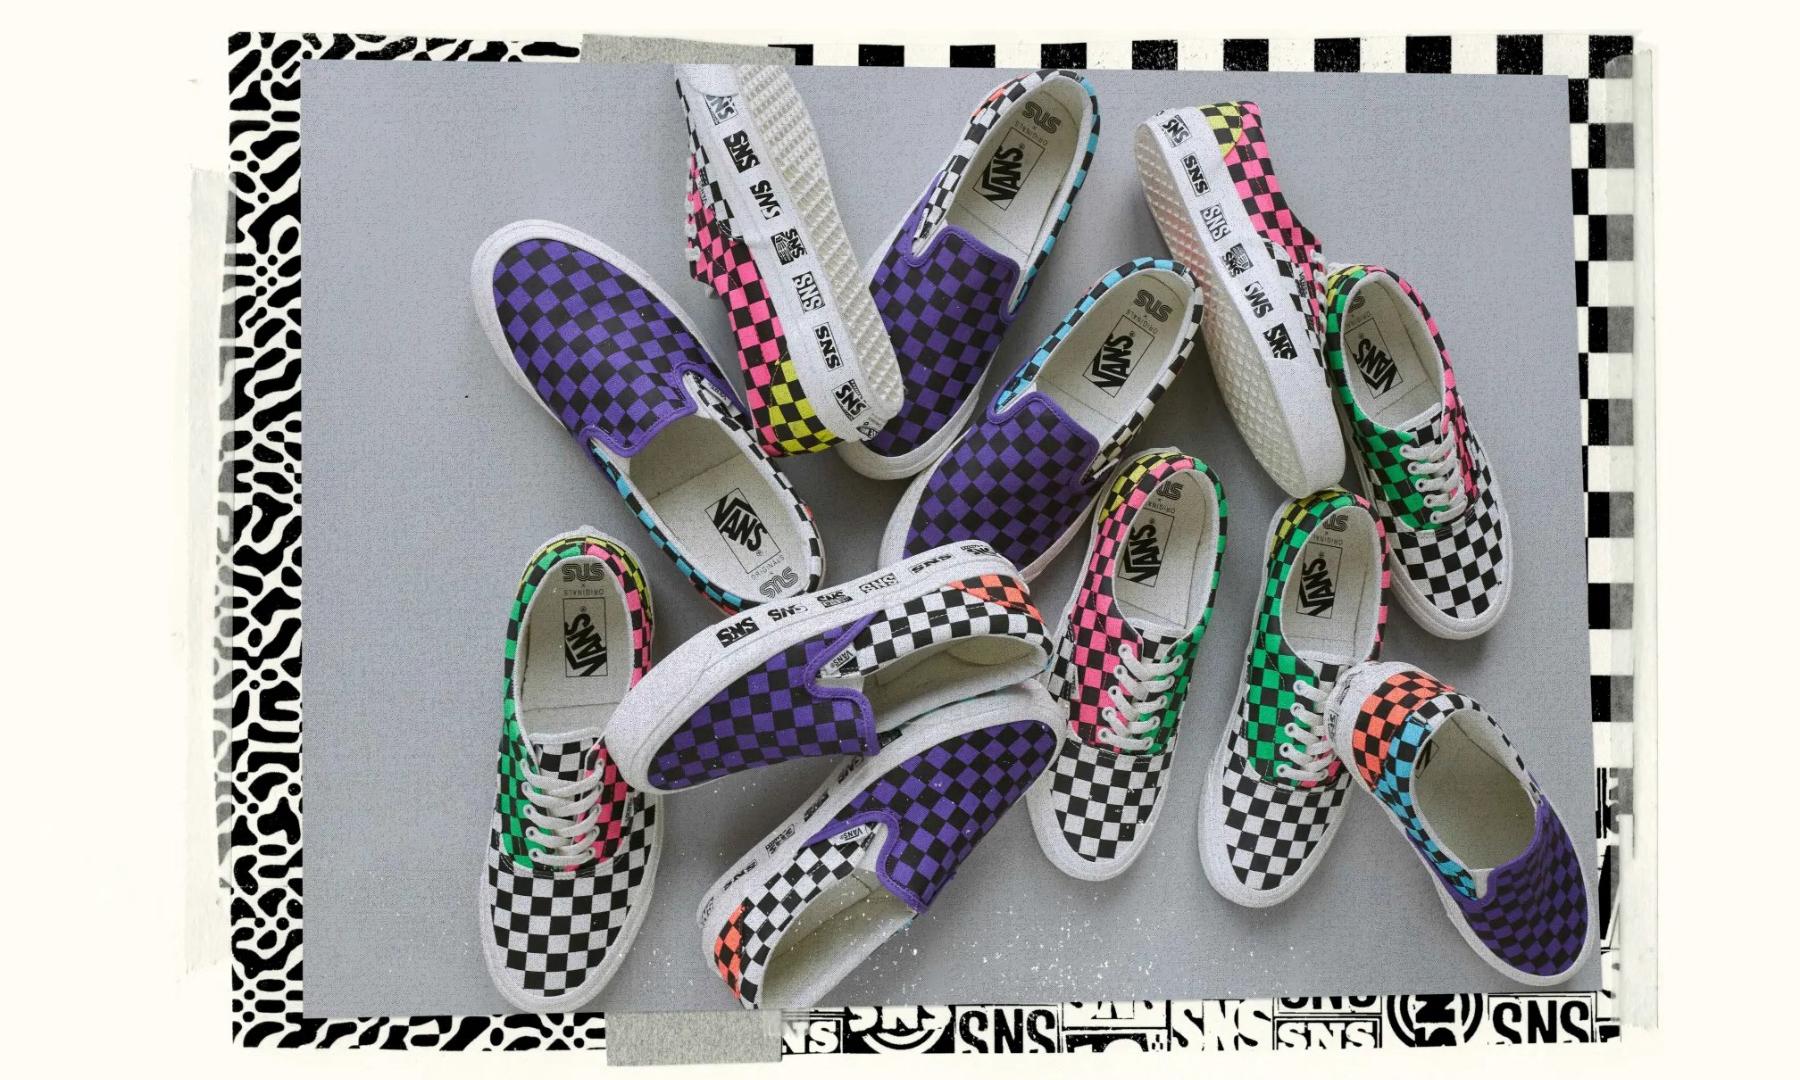 Sneakersnstuff x Vans Vault 周年纪念系列即将登场